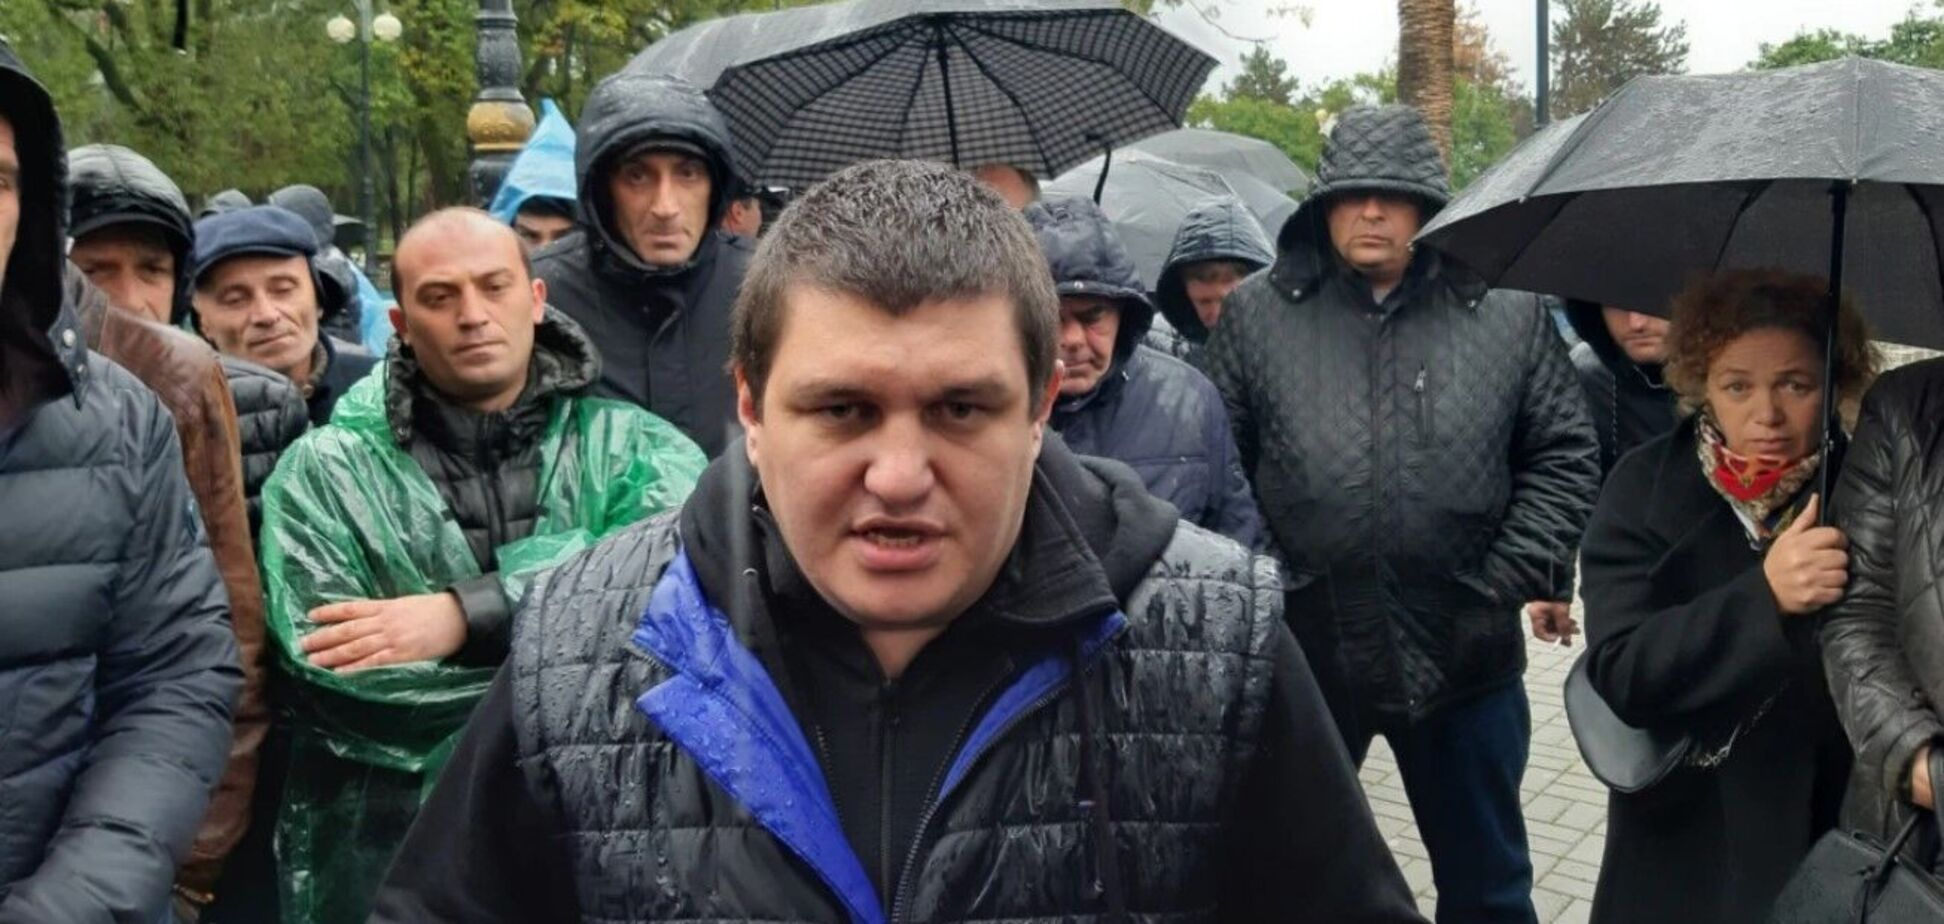 Екскомандира батальйону 'ДНР' і його спільників взяли під варту в Абхазії